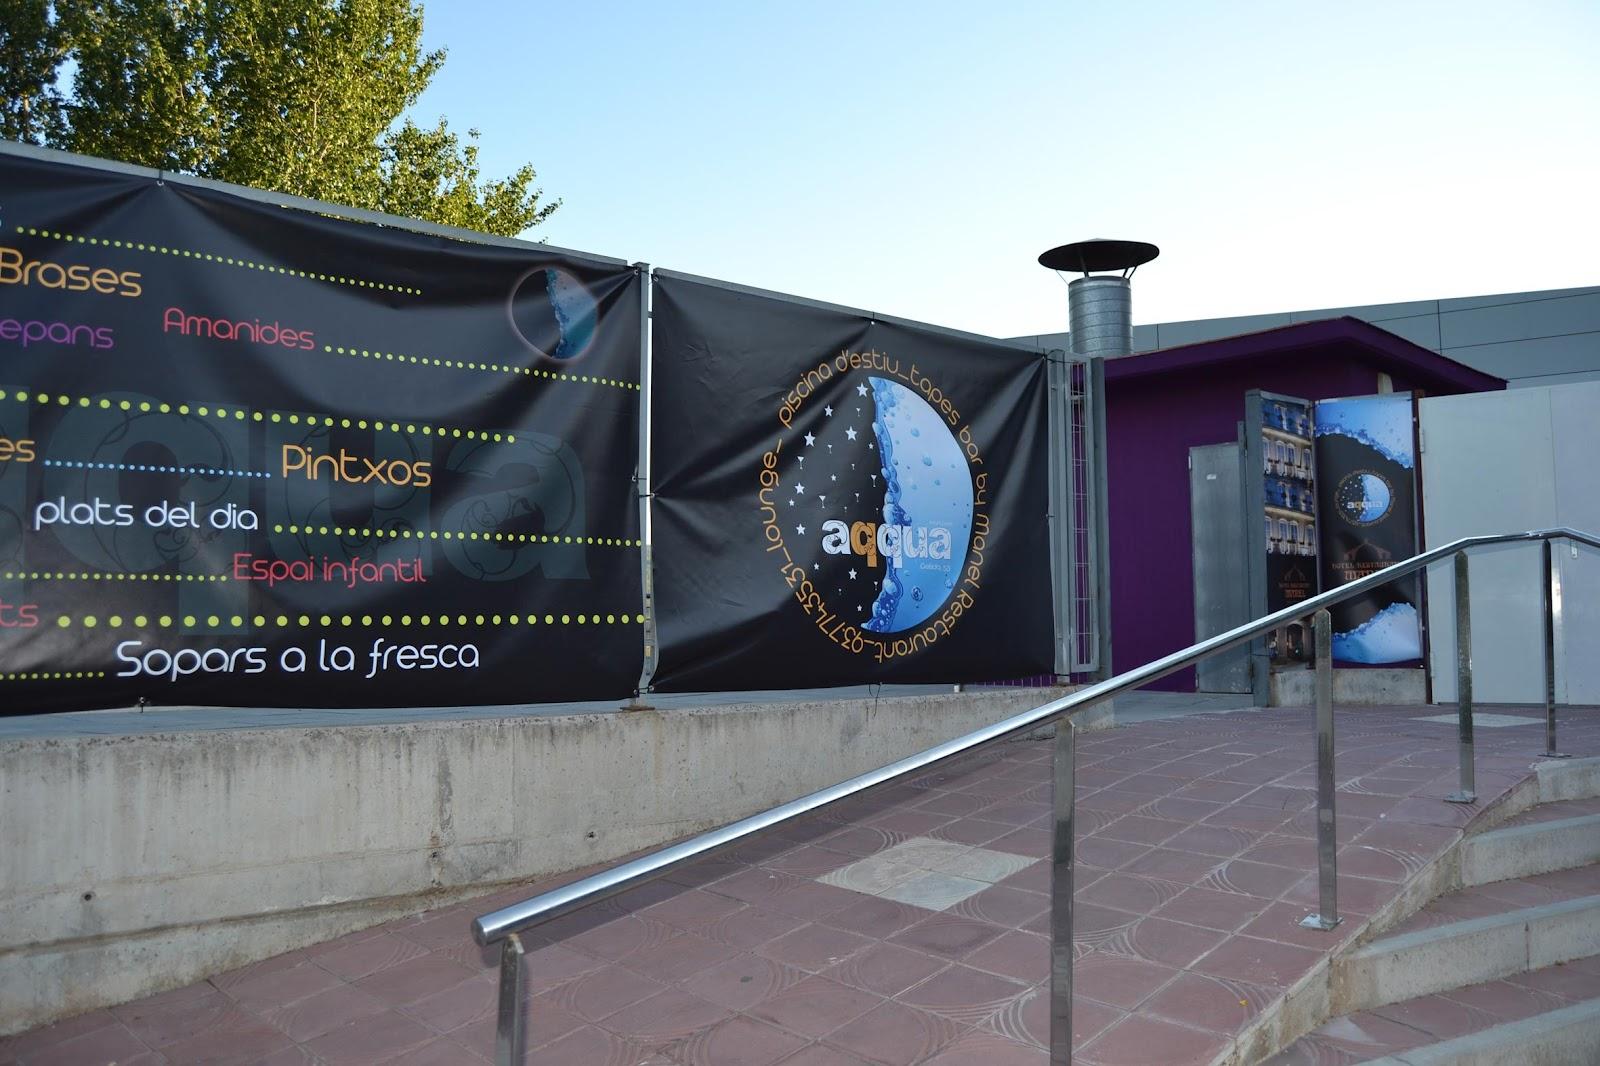 Quim aranda exposici de pintura a aqqua restaurant a for Piscina martorell